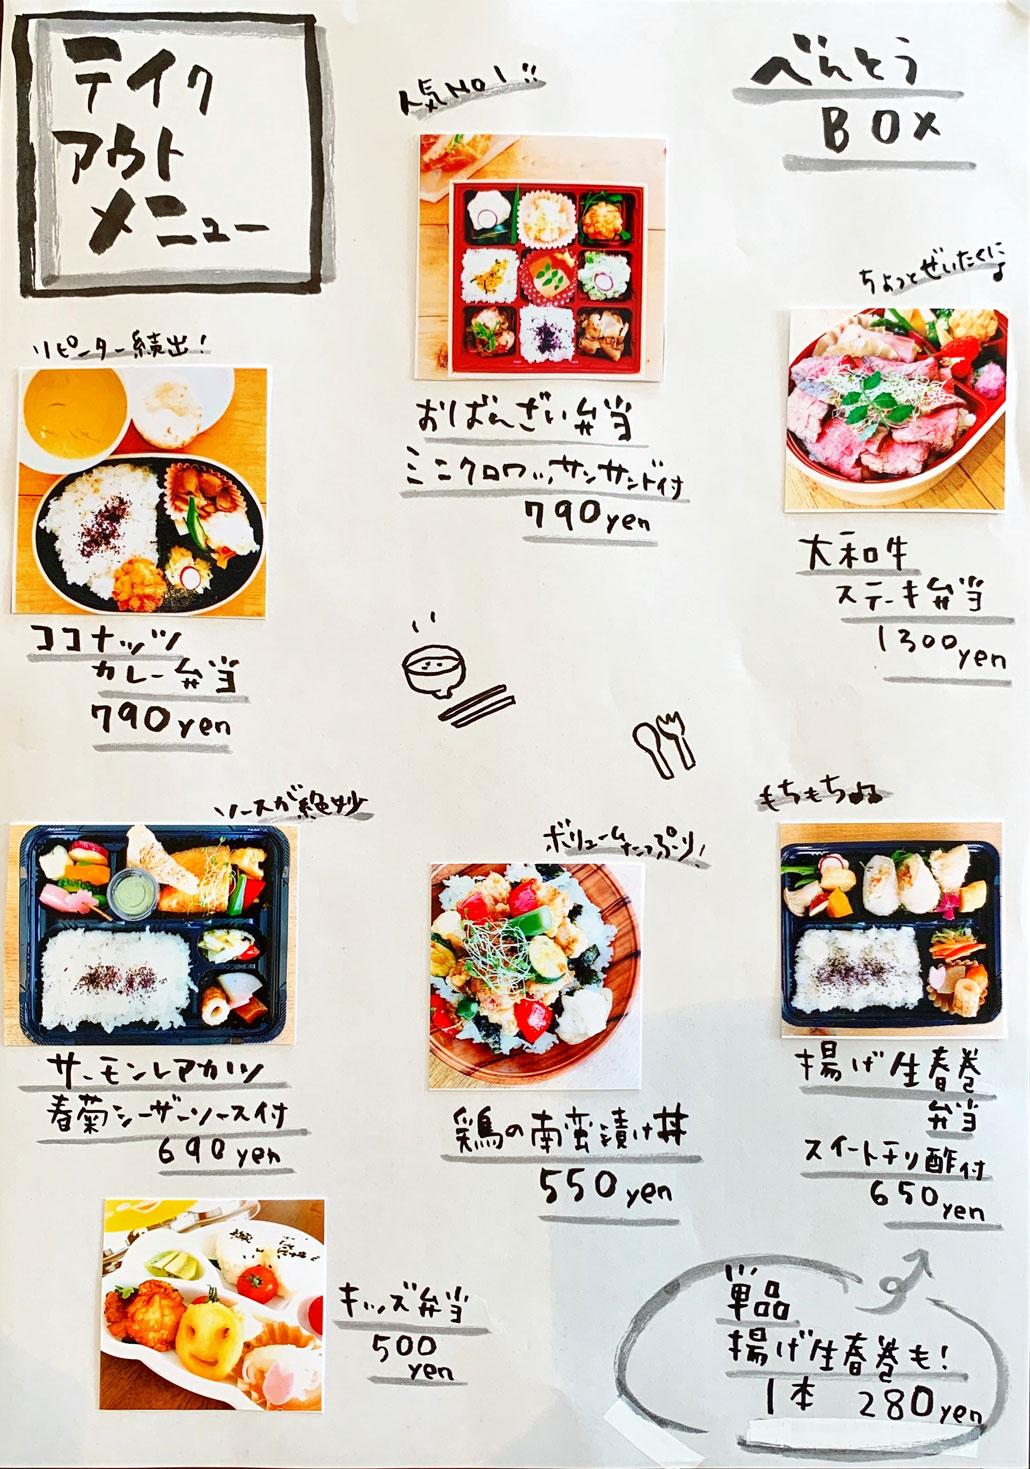 「ichi standard」テイクアウトメニュー画像